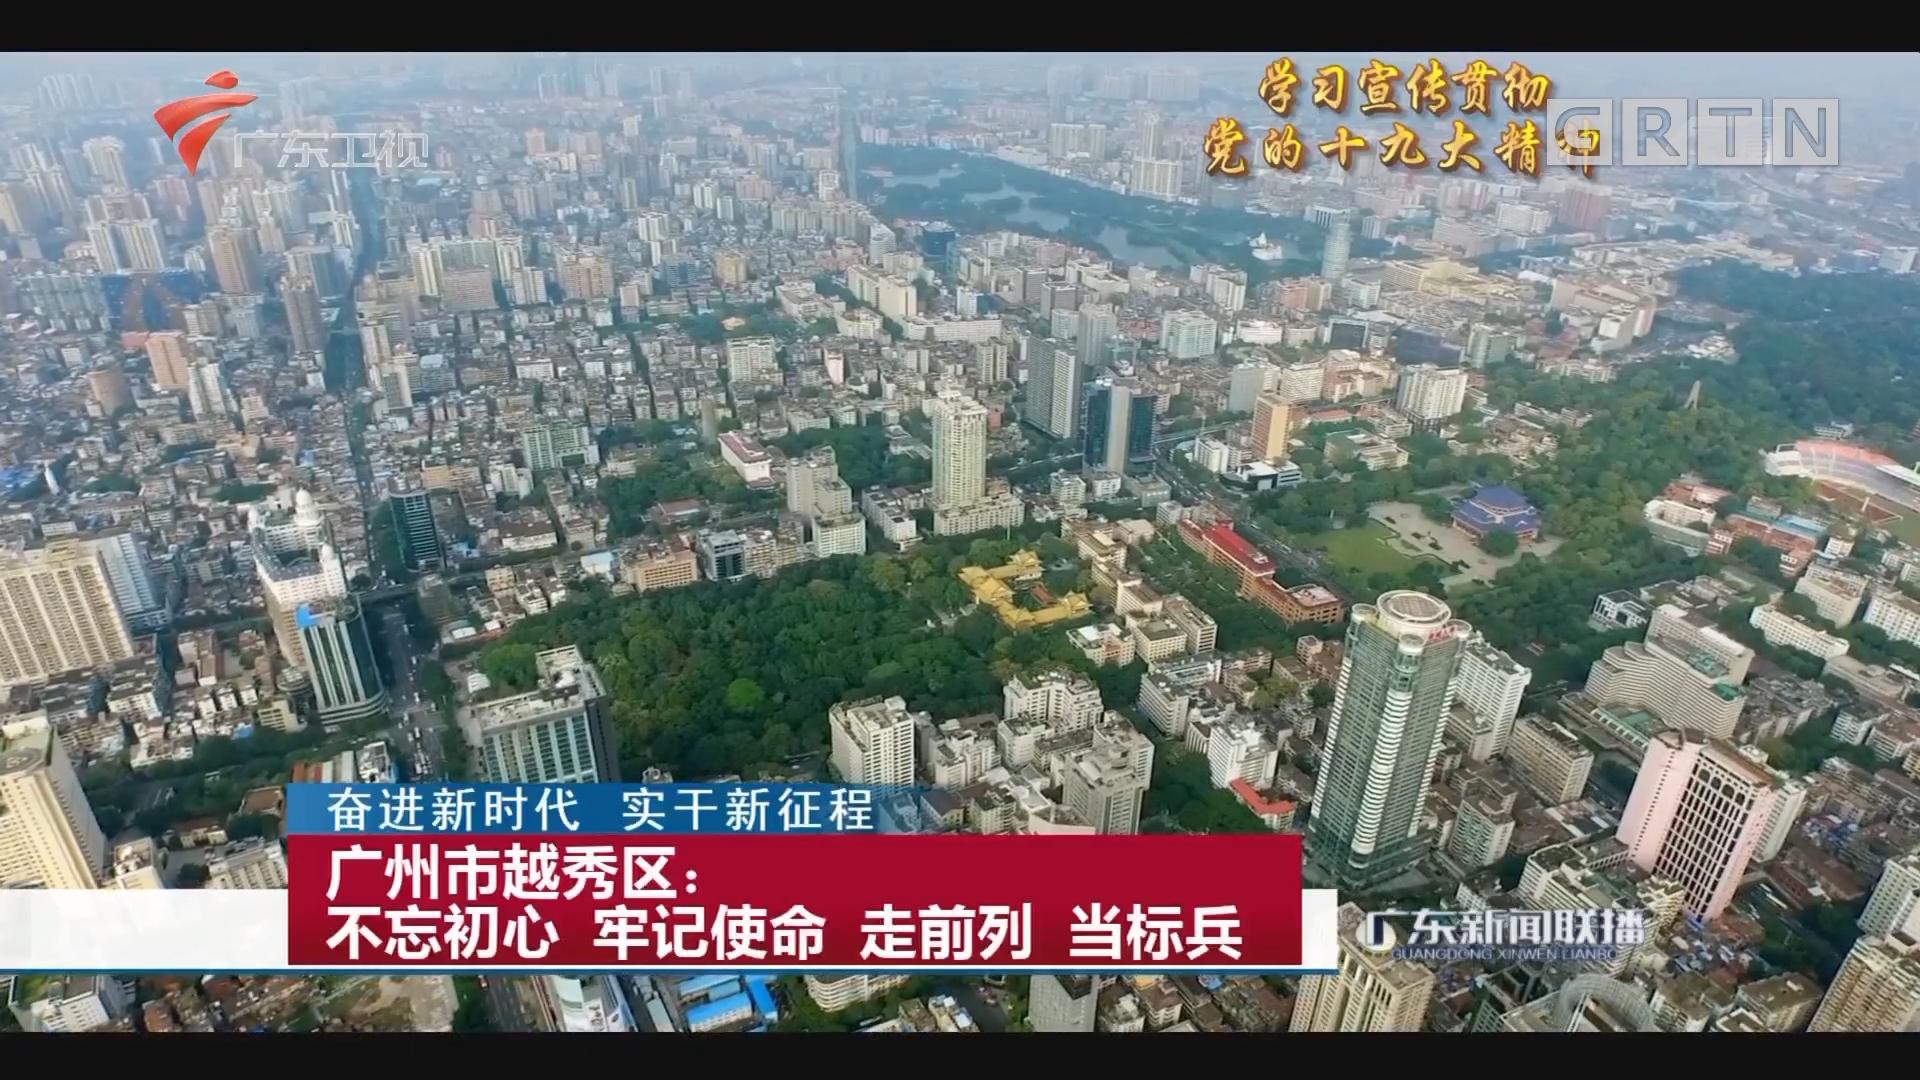 广州市越秀区:不忘初心 牢记使命 走前列 当标兵